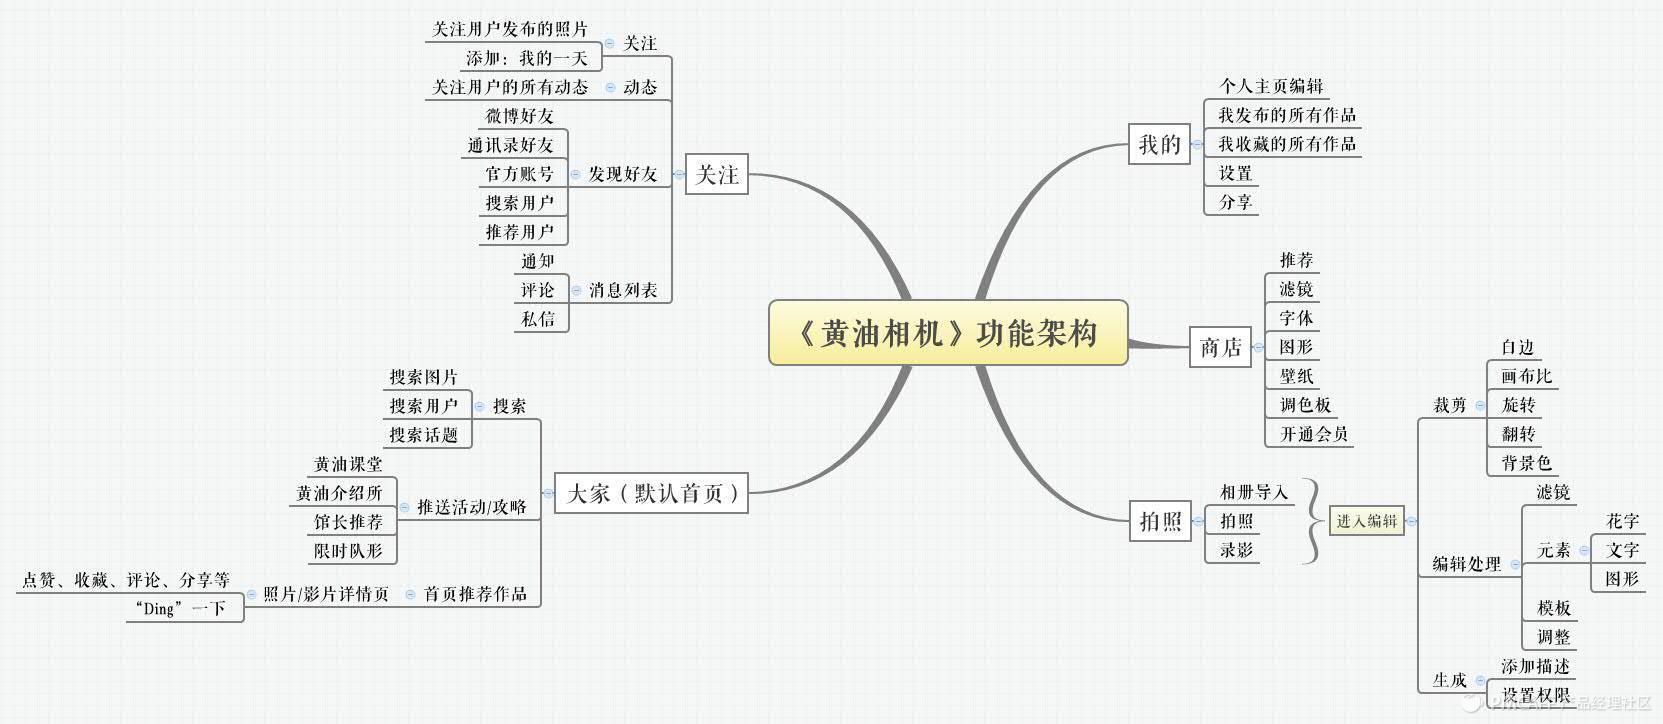 《黄油相机》功能架构.jpg